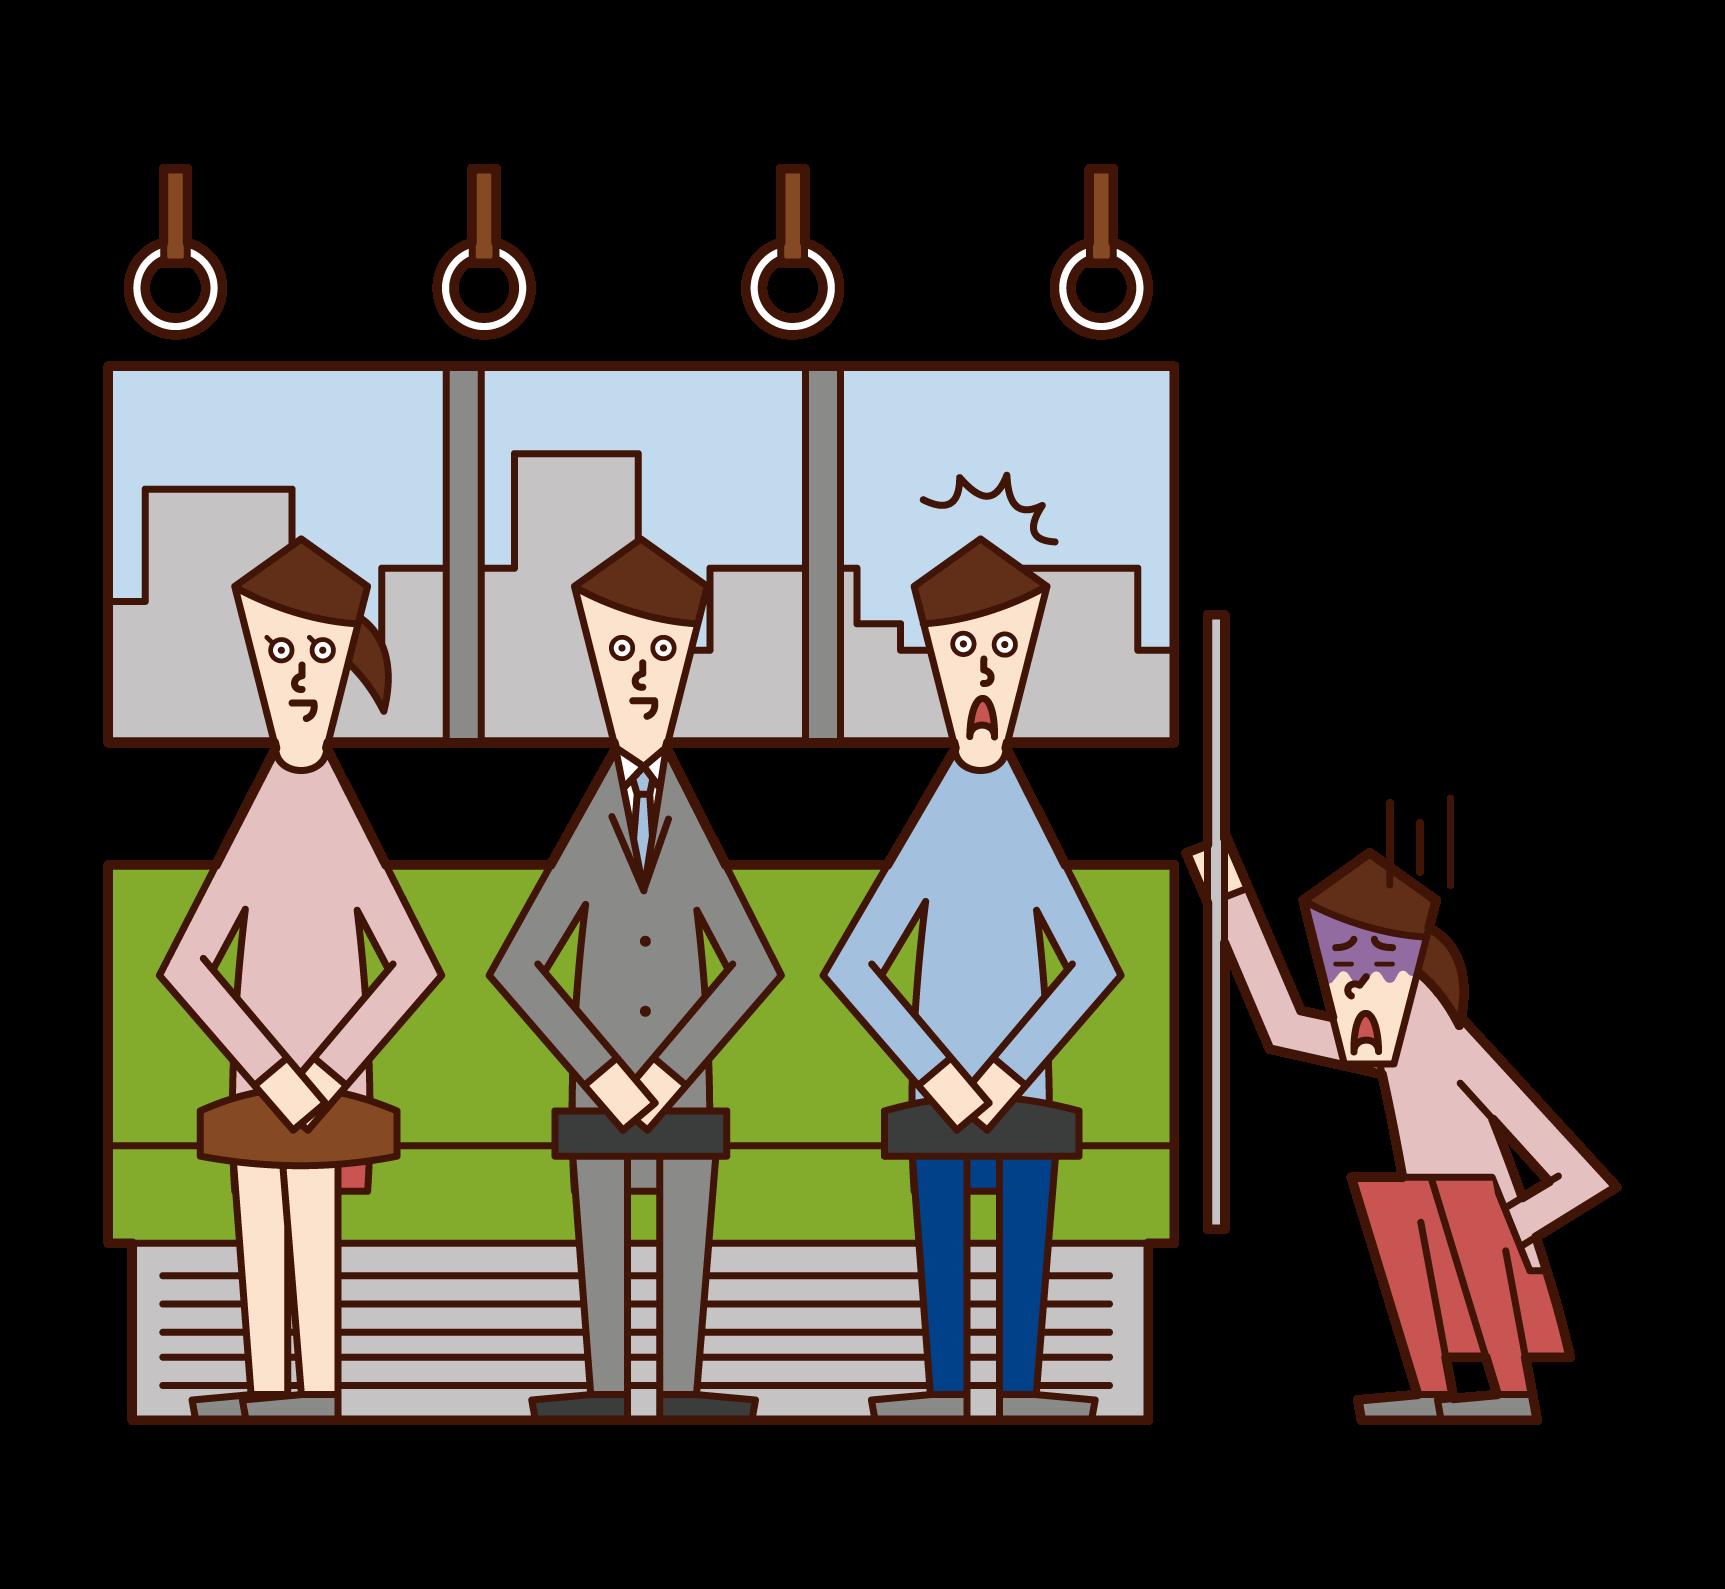 在火車上抱怨身體不適的人(女性)的插圖